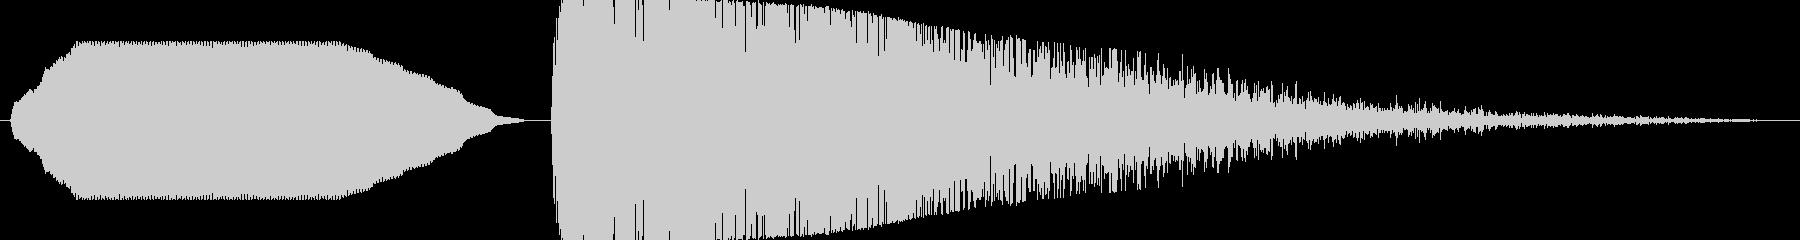 ヒューン……ドカーン!【バズーカ砲2】 の未再生の波形